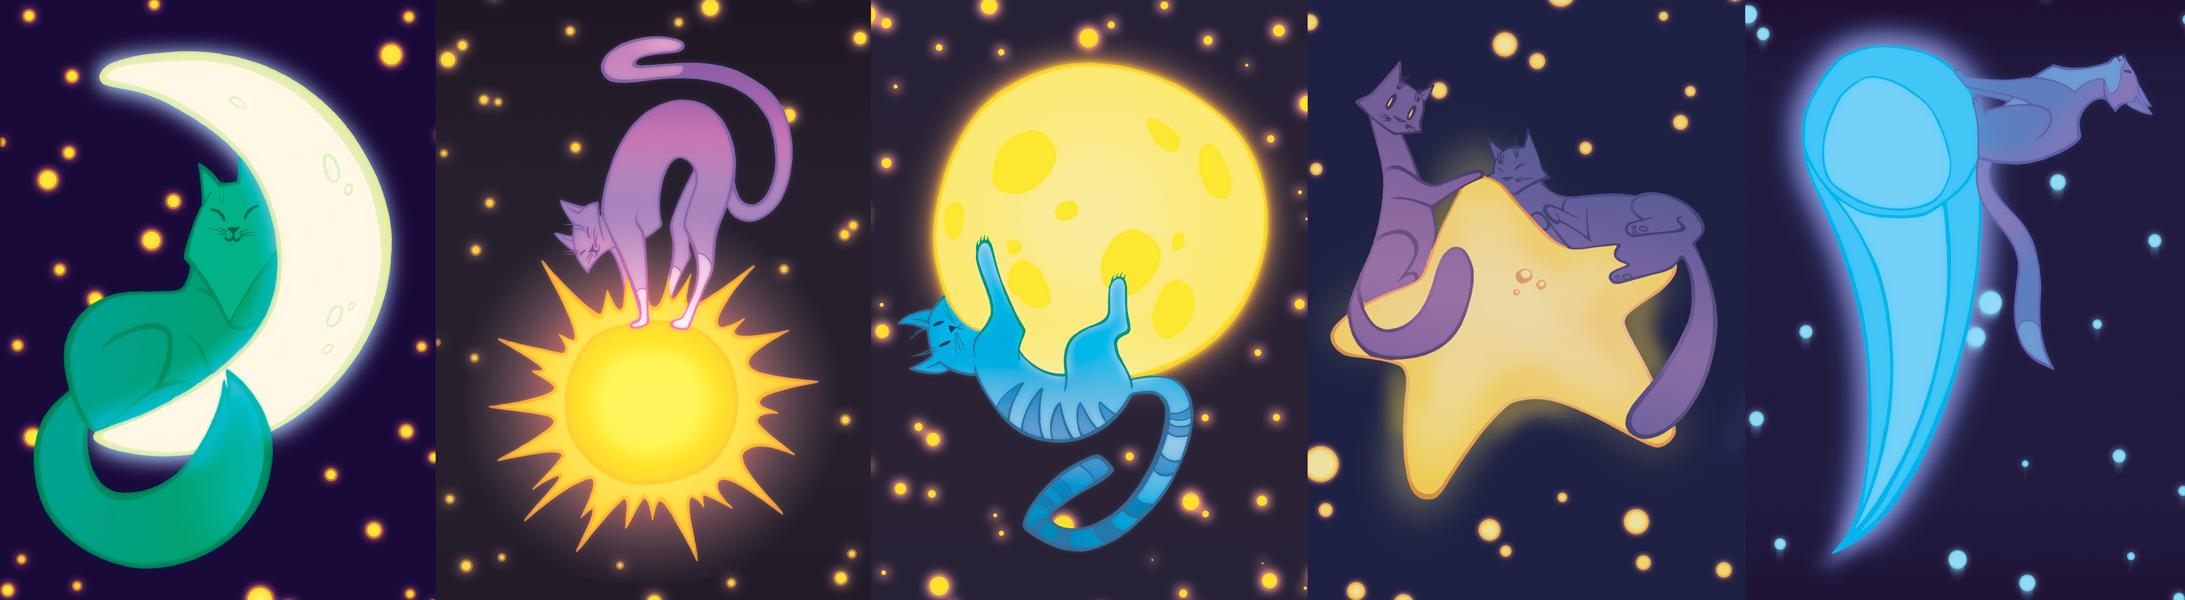 """Комплект открыток """"Звездные кошки"""""""